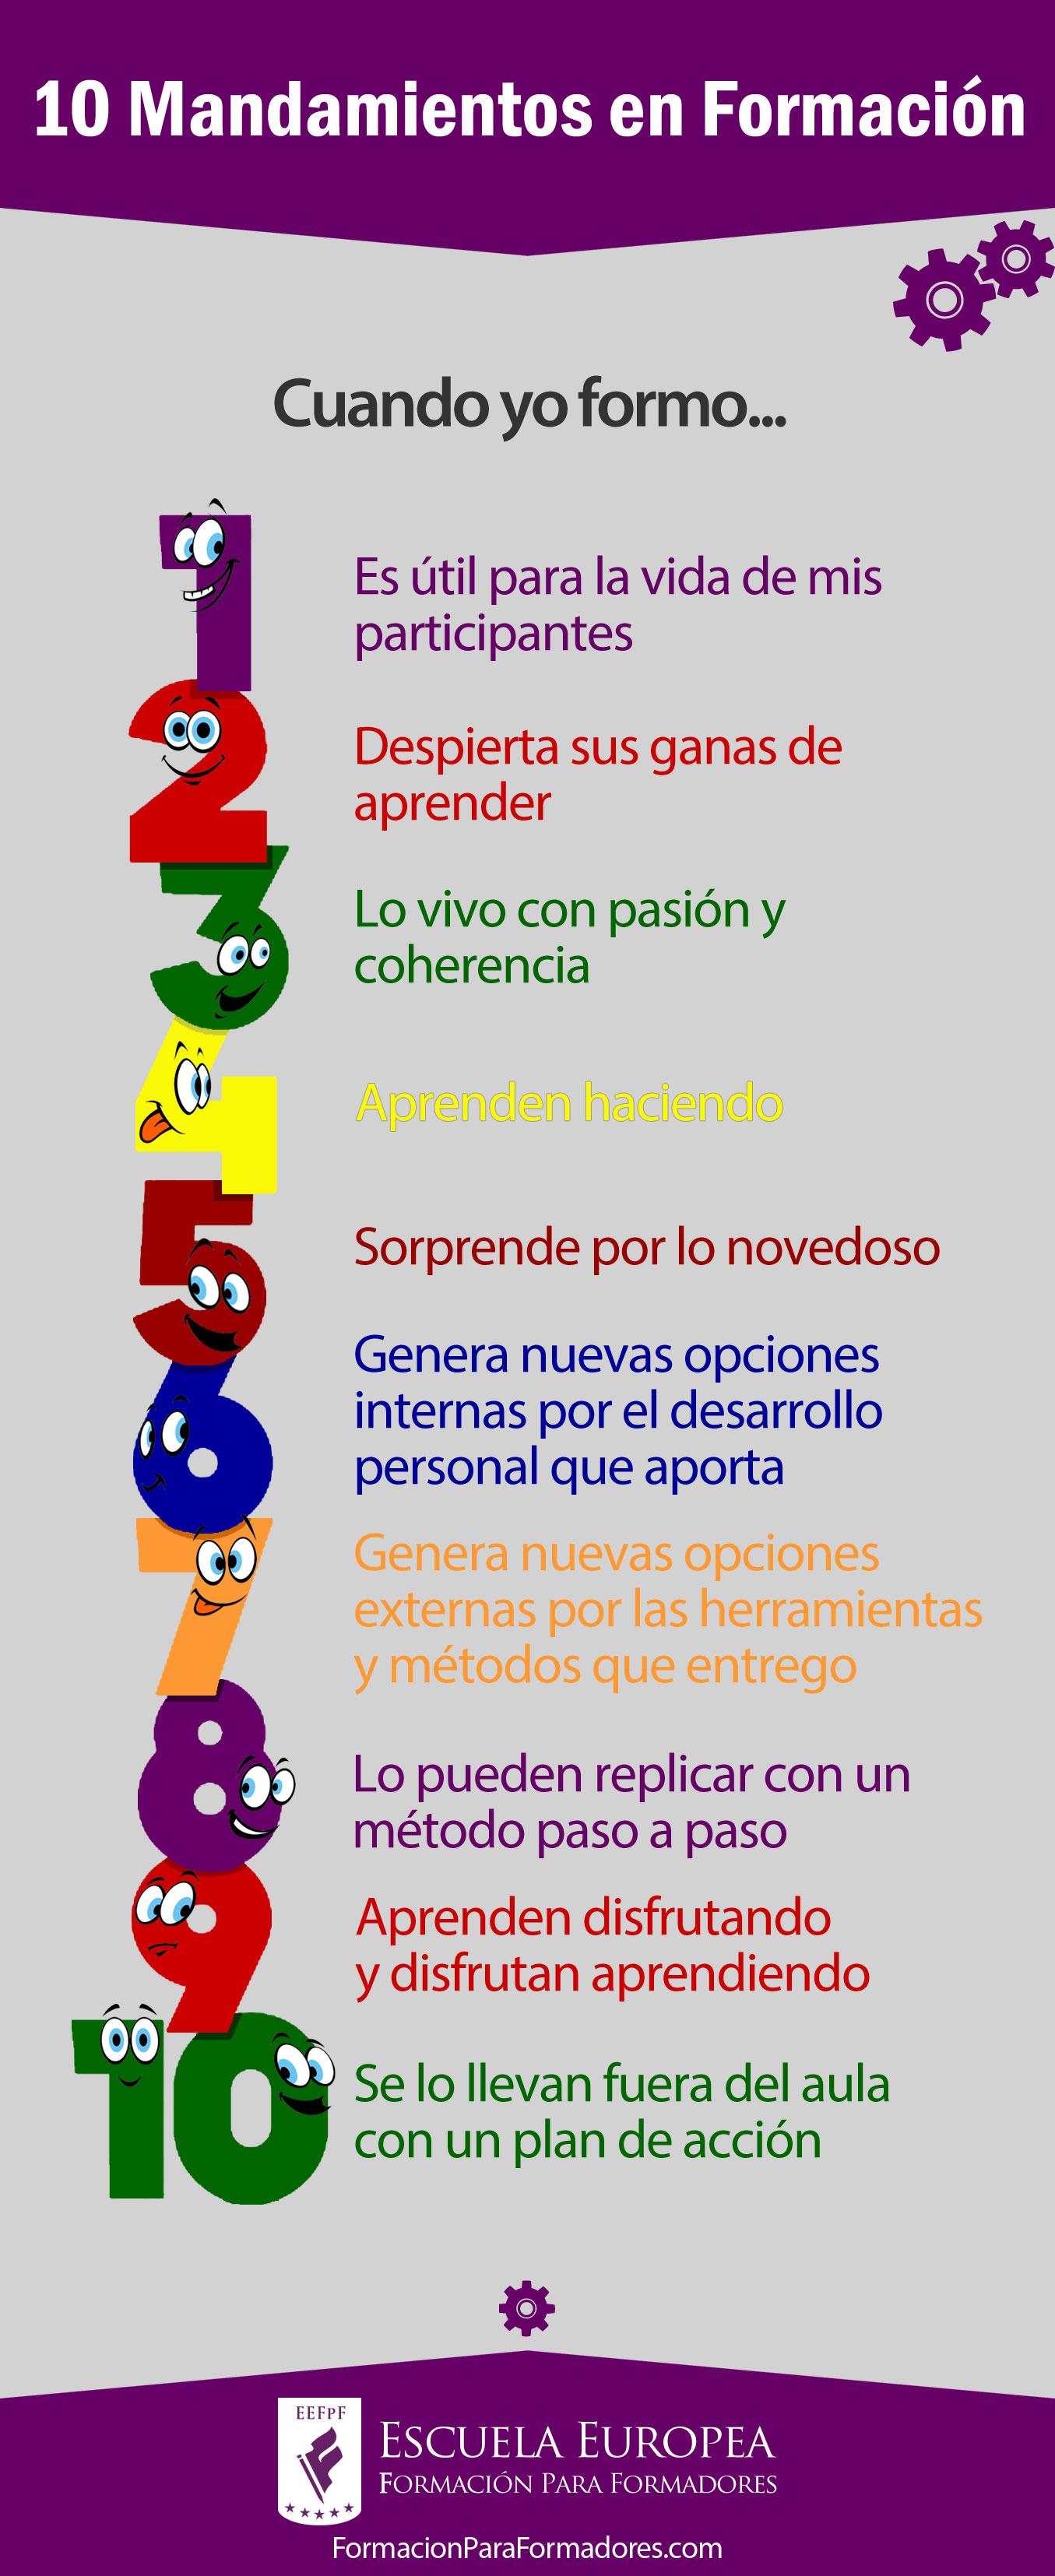 10 mandamientos en formaci n escuela europea formaci n para formadores - Los 10 locos mandamientos ...